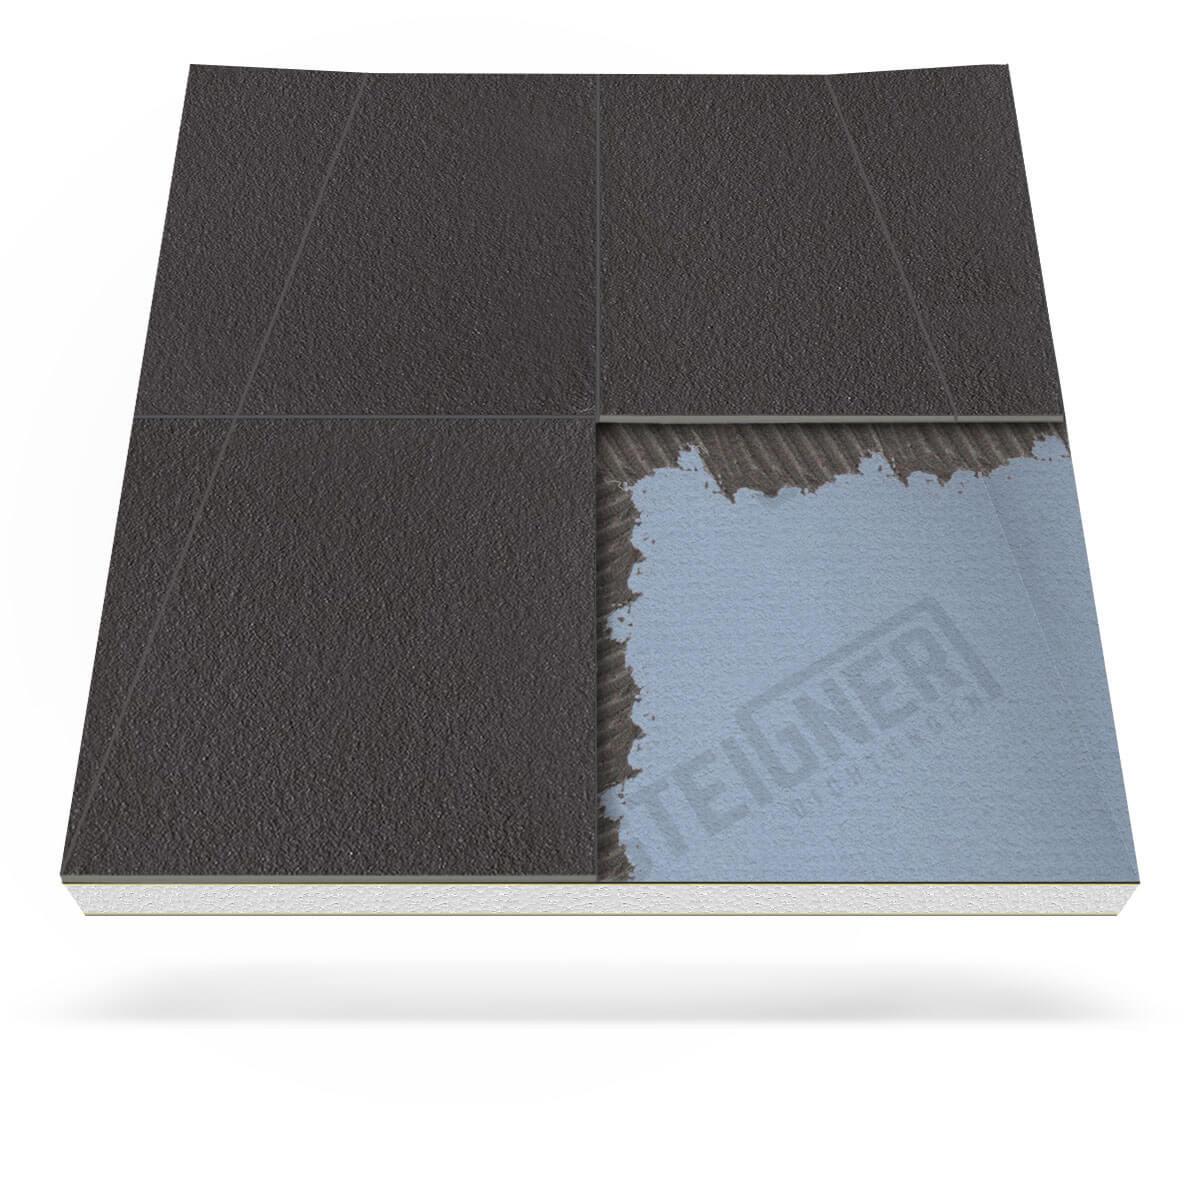 duschboard mineral plus für wandablauf - steigner